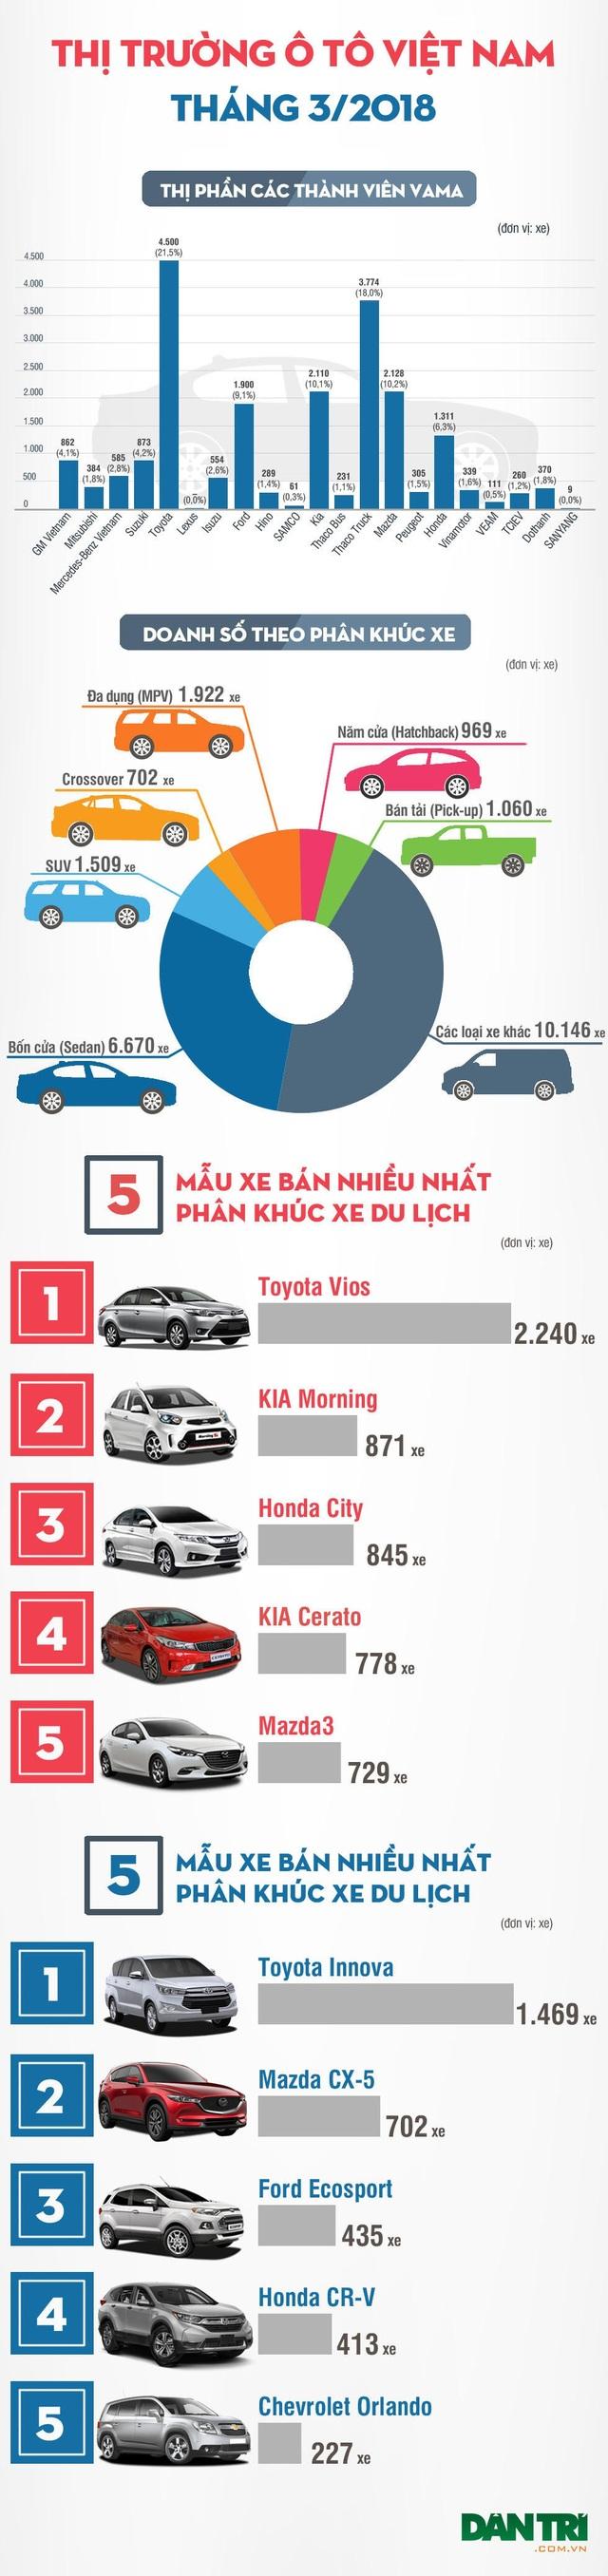 """Thị trường thiếu nguồn cung xe nhập - Người tiêu dùng không dễ bị """"dụ"""" - 3"""